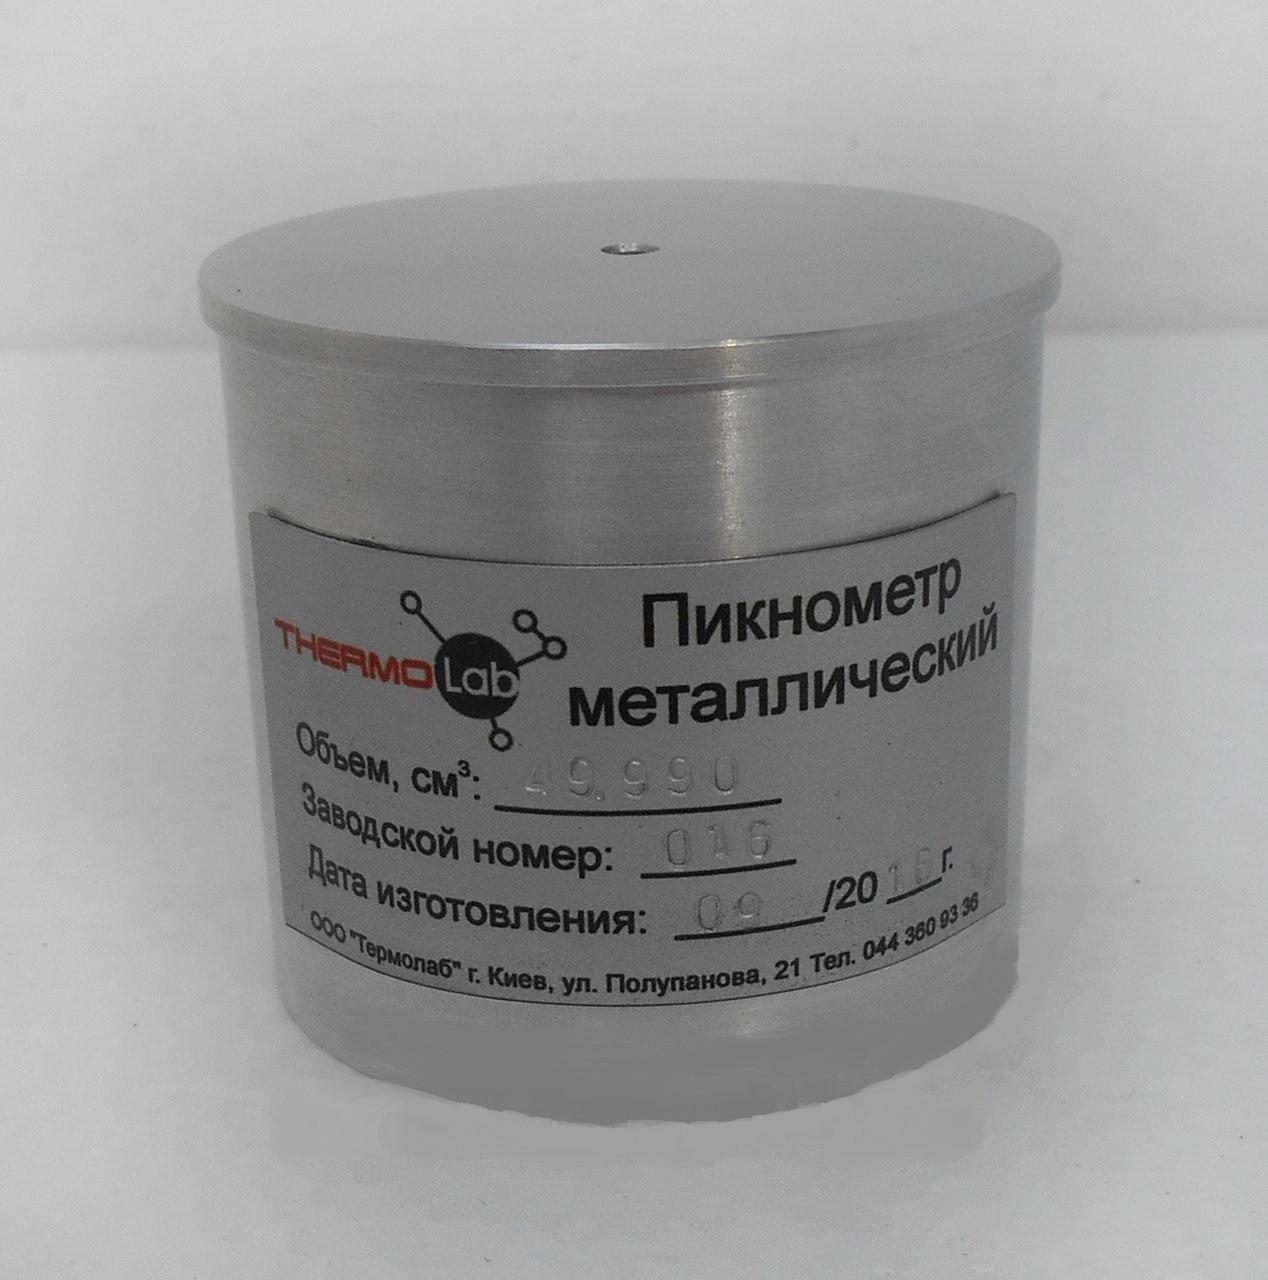 Пікнометр ПК-50Н